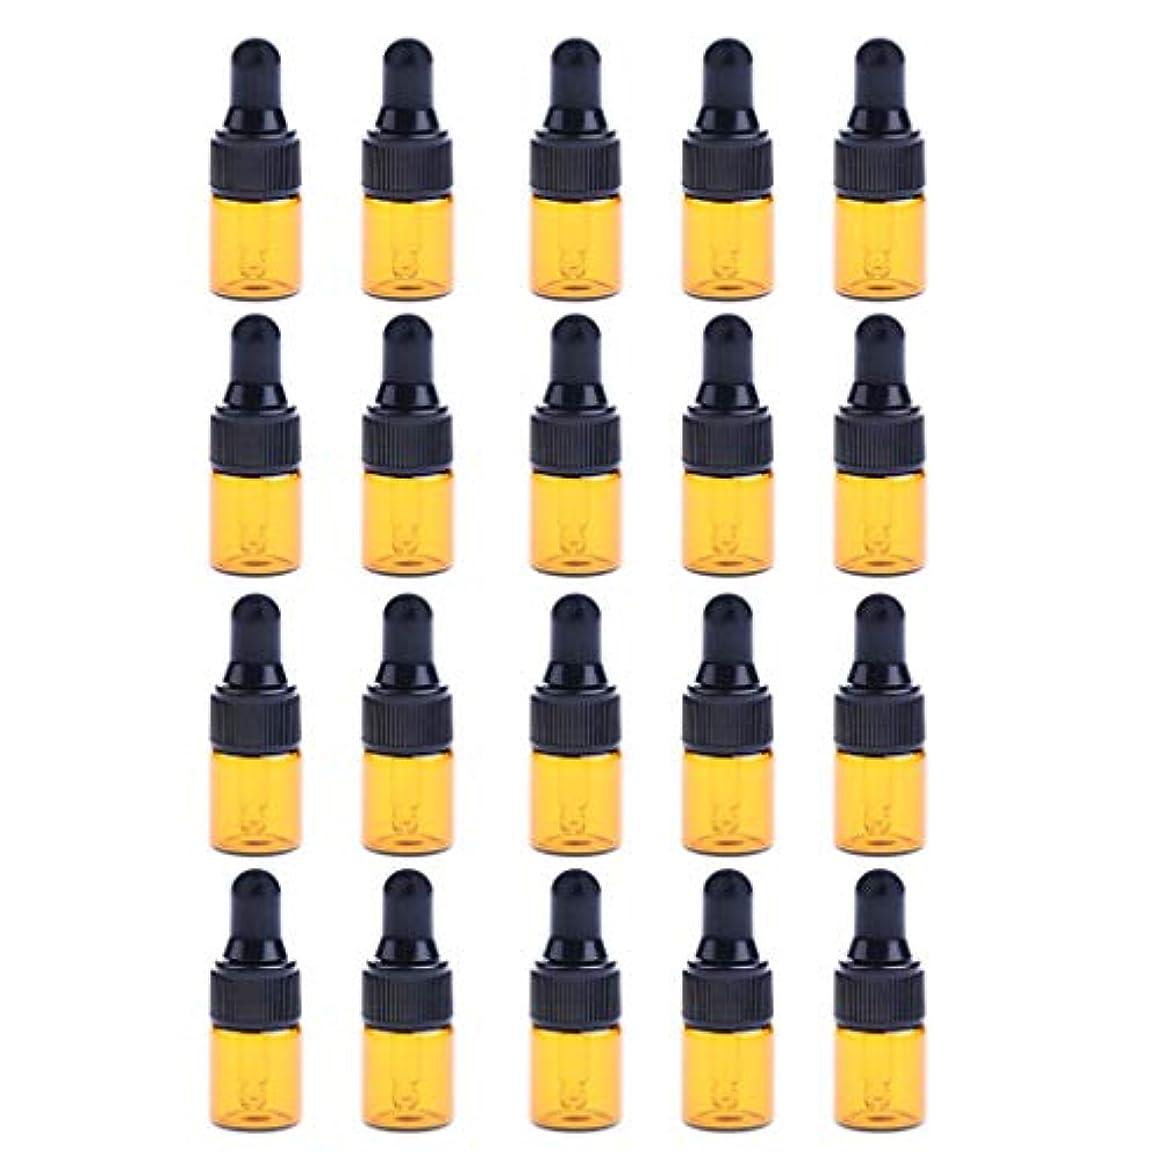 切る人生を作る恒久的20個 2ml ドロッパーボトル エッセンシャルオイル ミニサイズ 詰め替え可 ガラス スポイトボトル